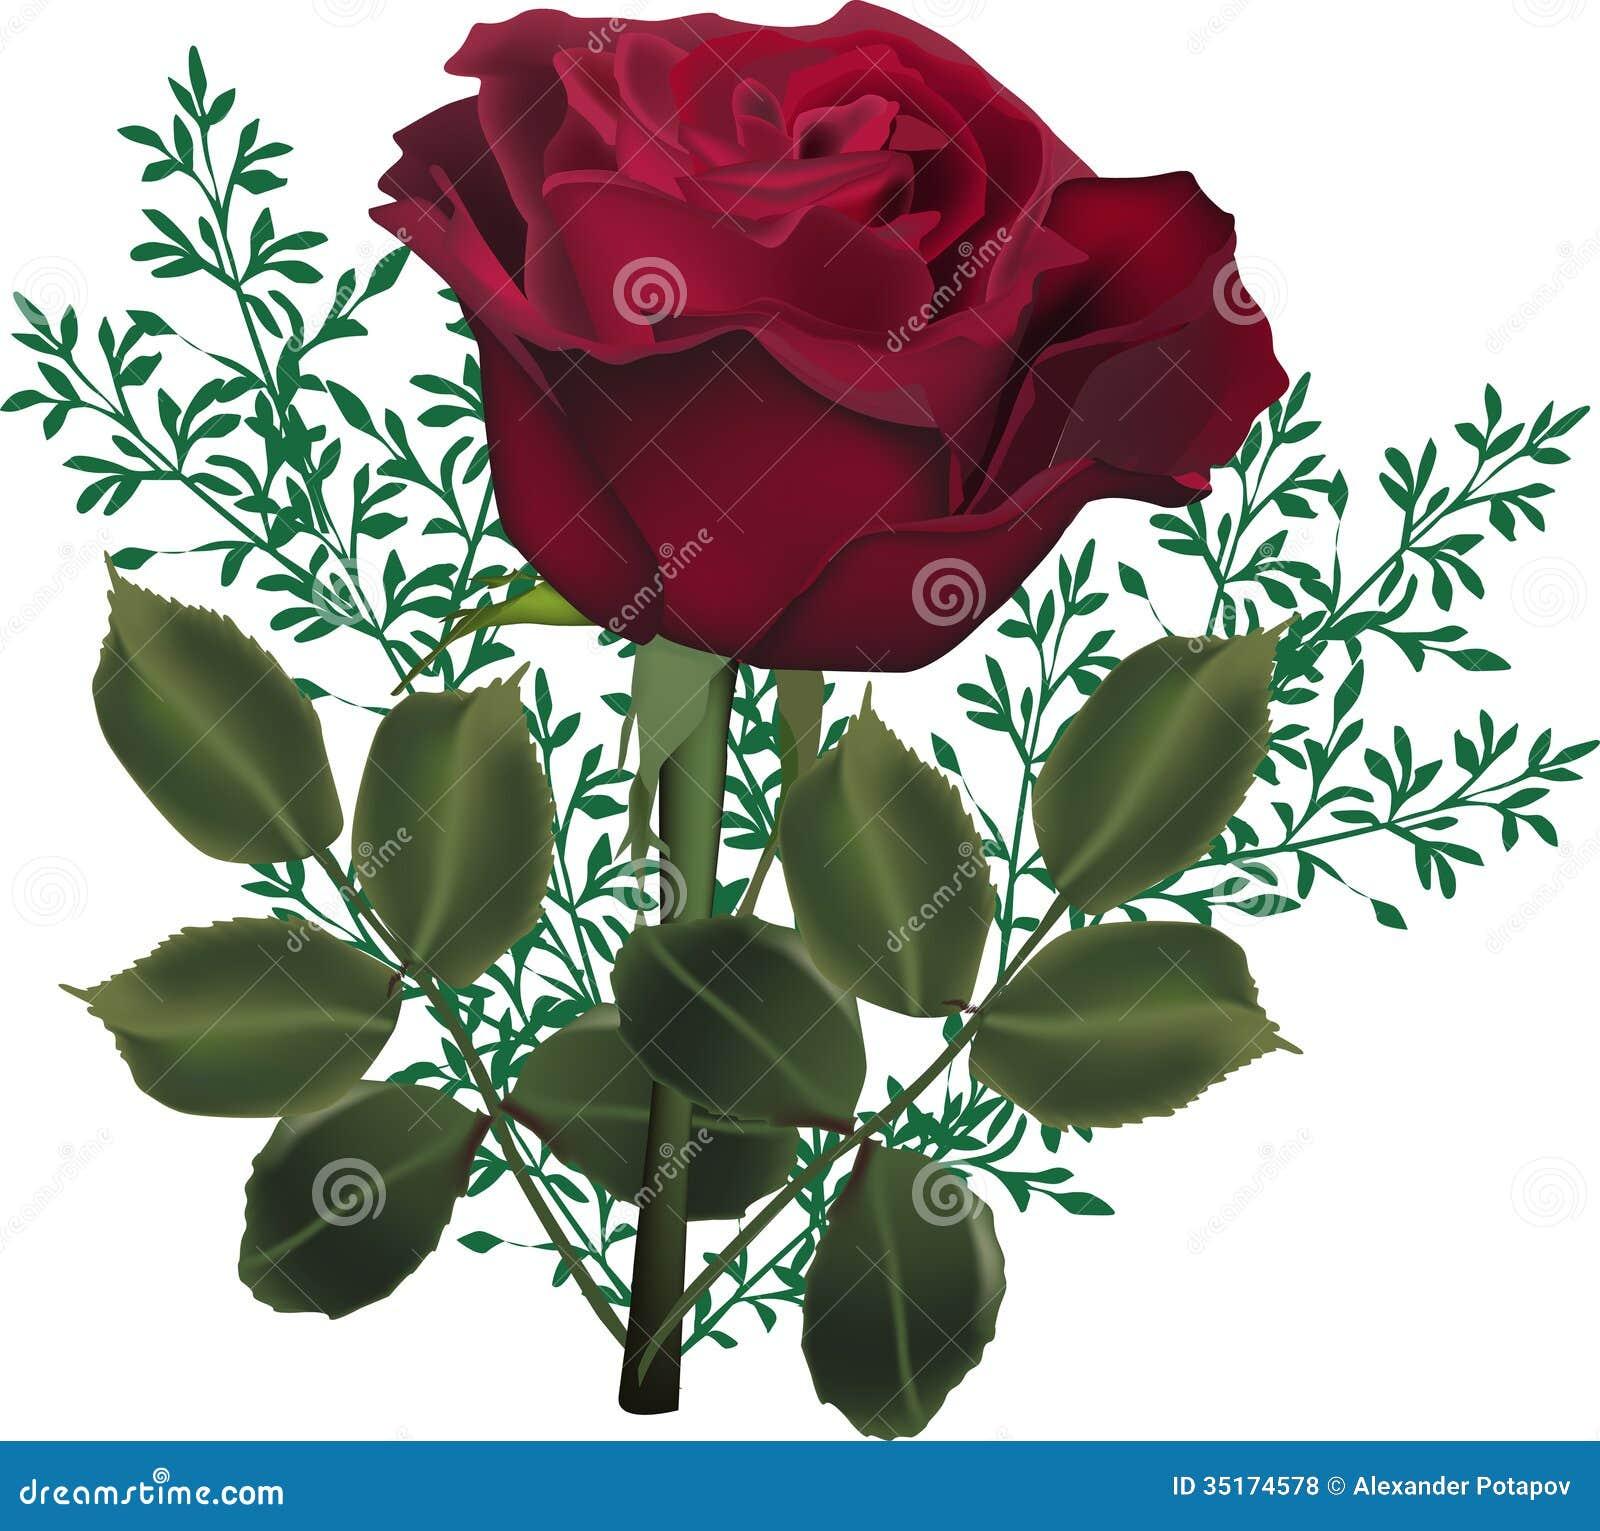 Fleur Rose Rouge Foncé Aux Plantes Vertes Photos libres de droits Image 35174578 # Rouge À Lèvres Bois De Rose